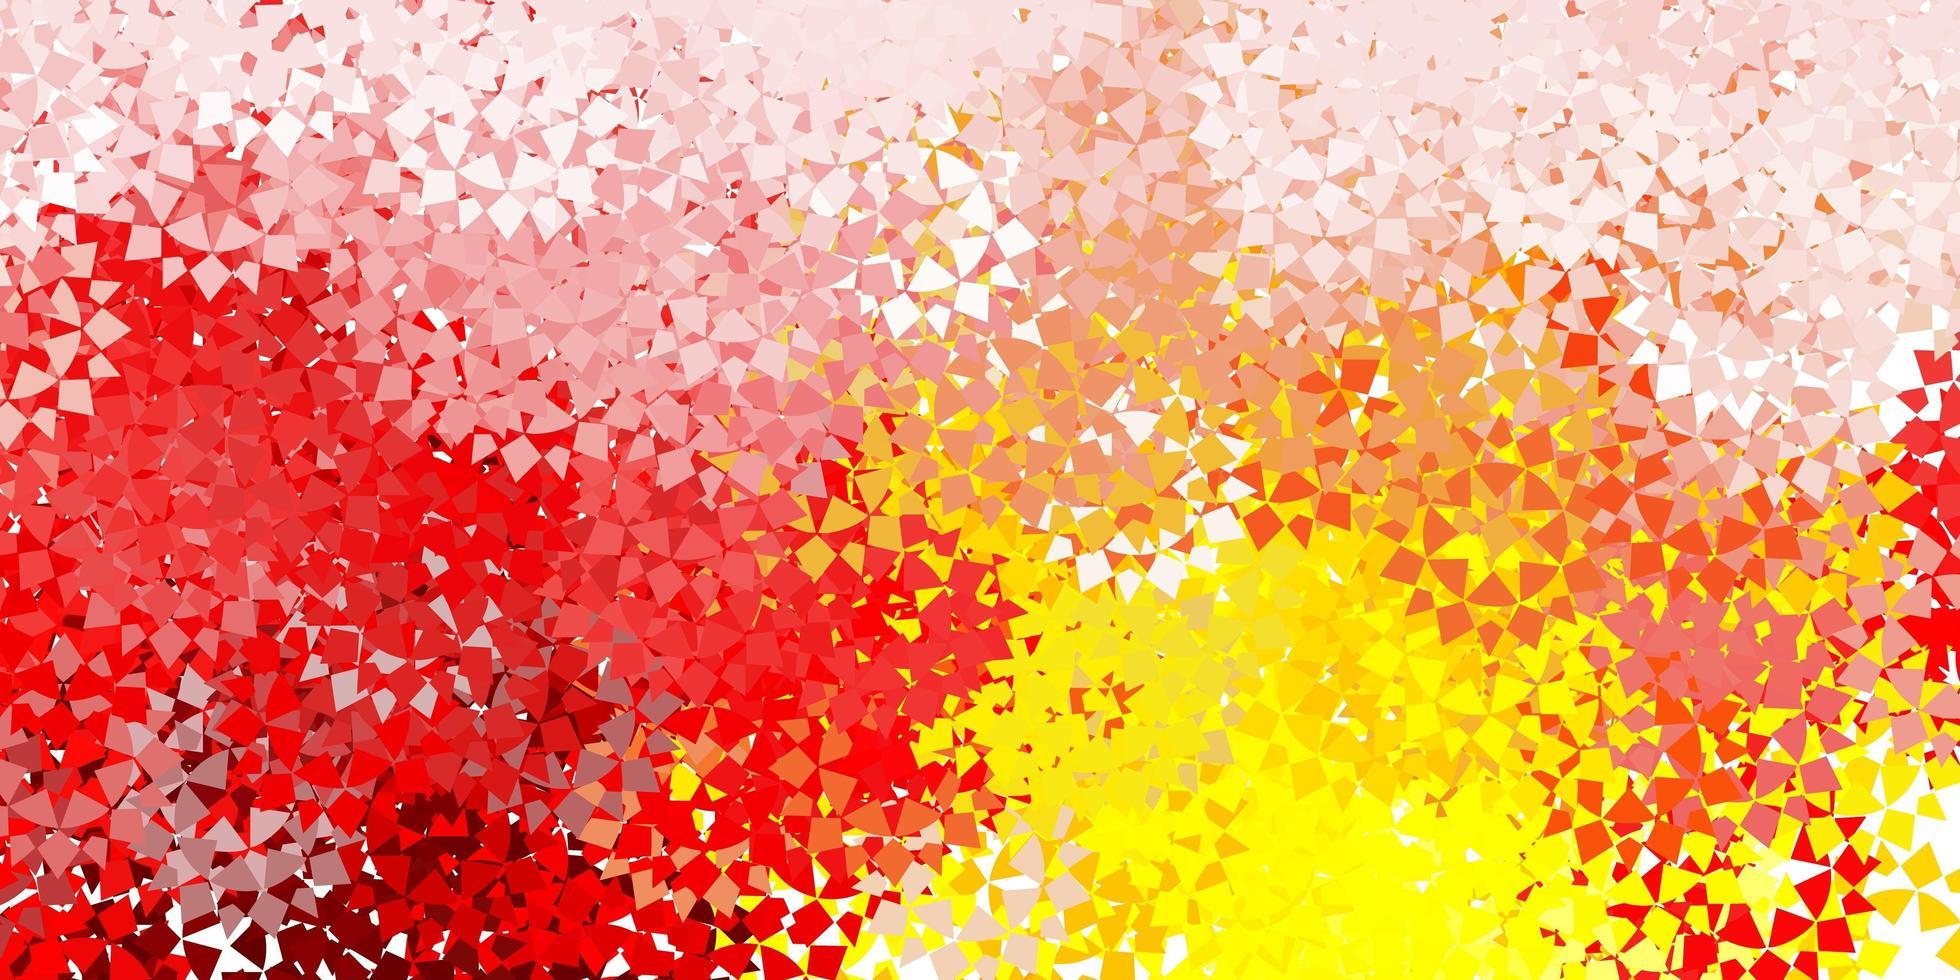 färgstark bakgrund med trianglar. vektor